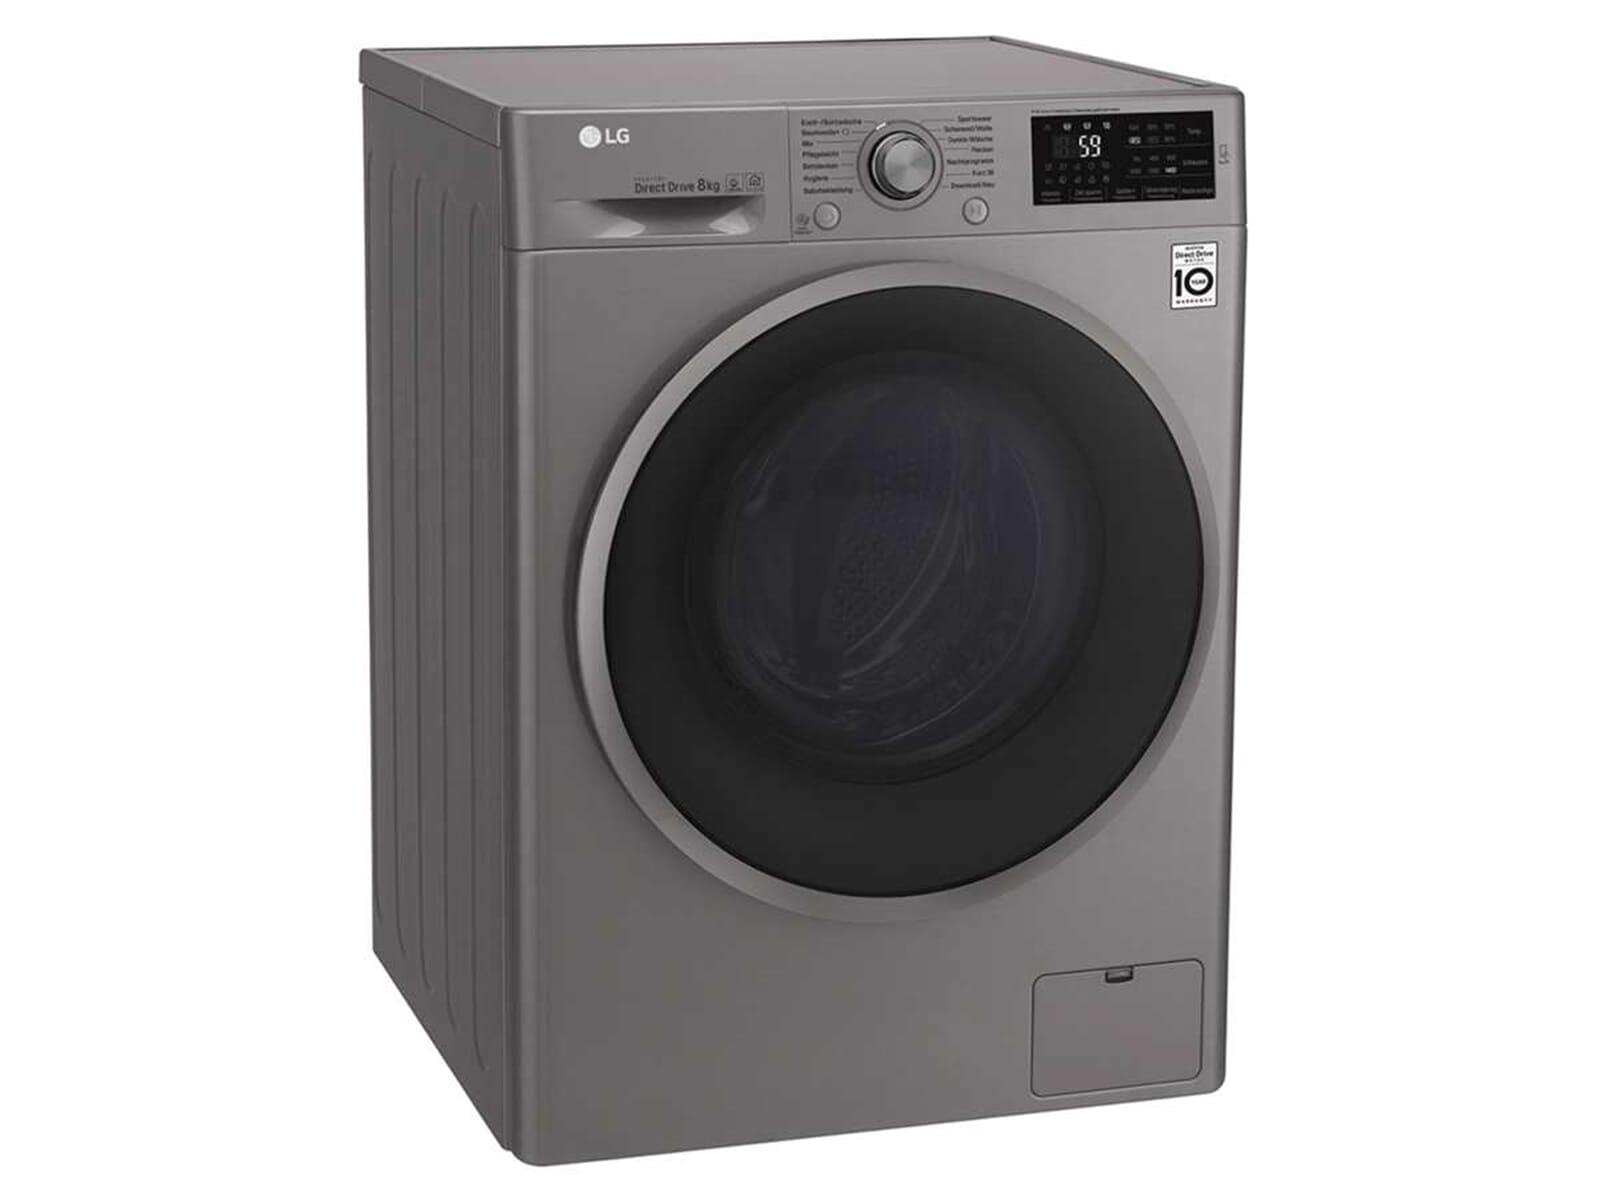 LG F 14WM 8TN4 Waschmaschine Stone Silver